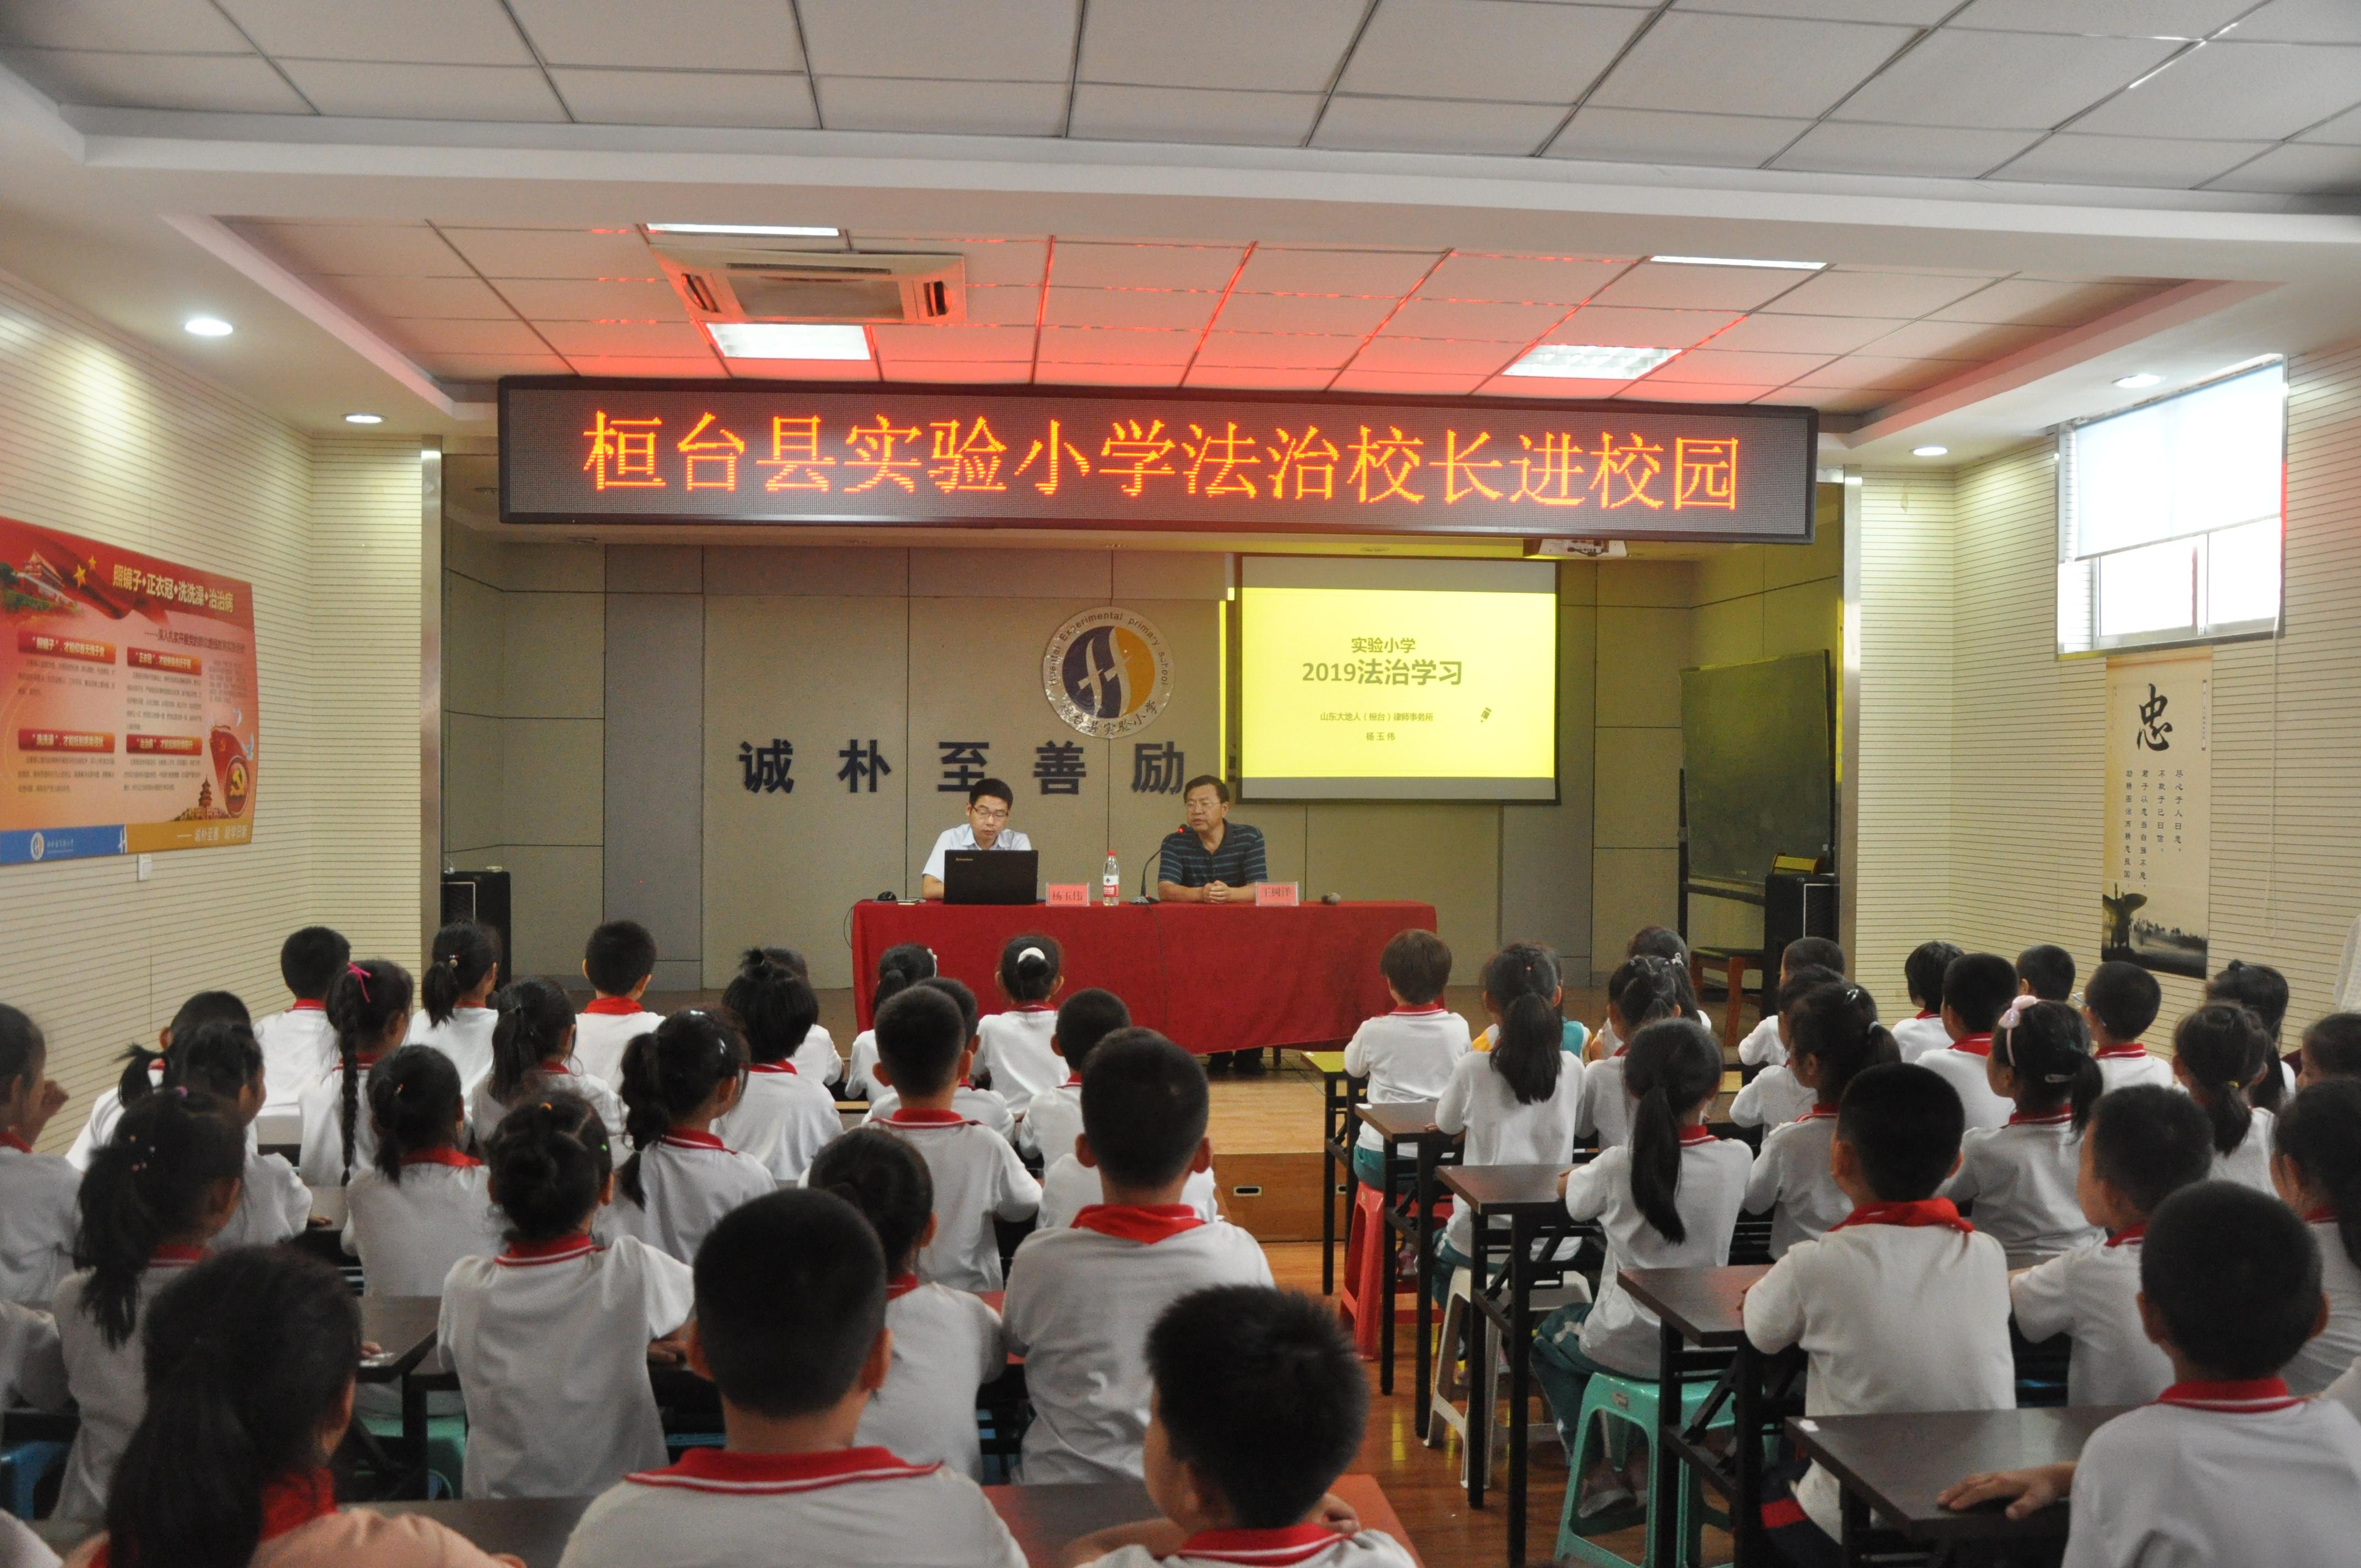 淄博市桓台县实验小学举行法治教育报告会